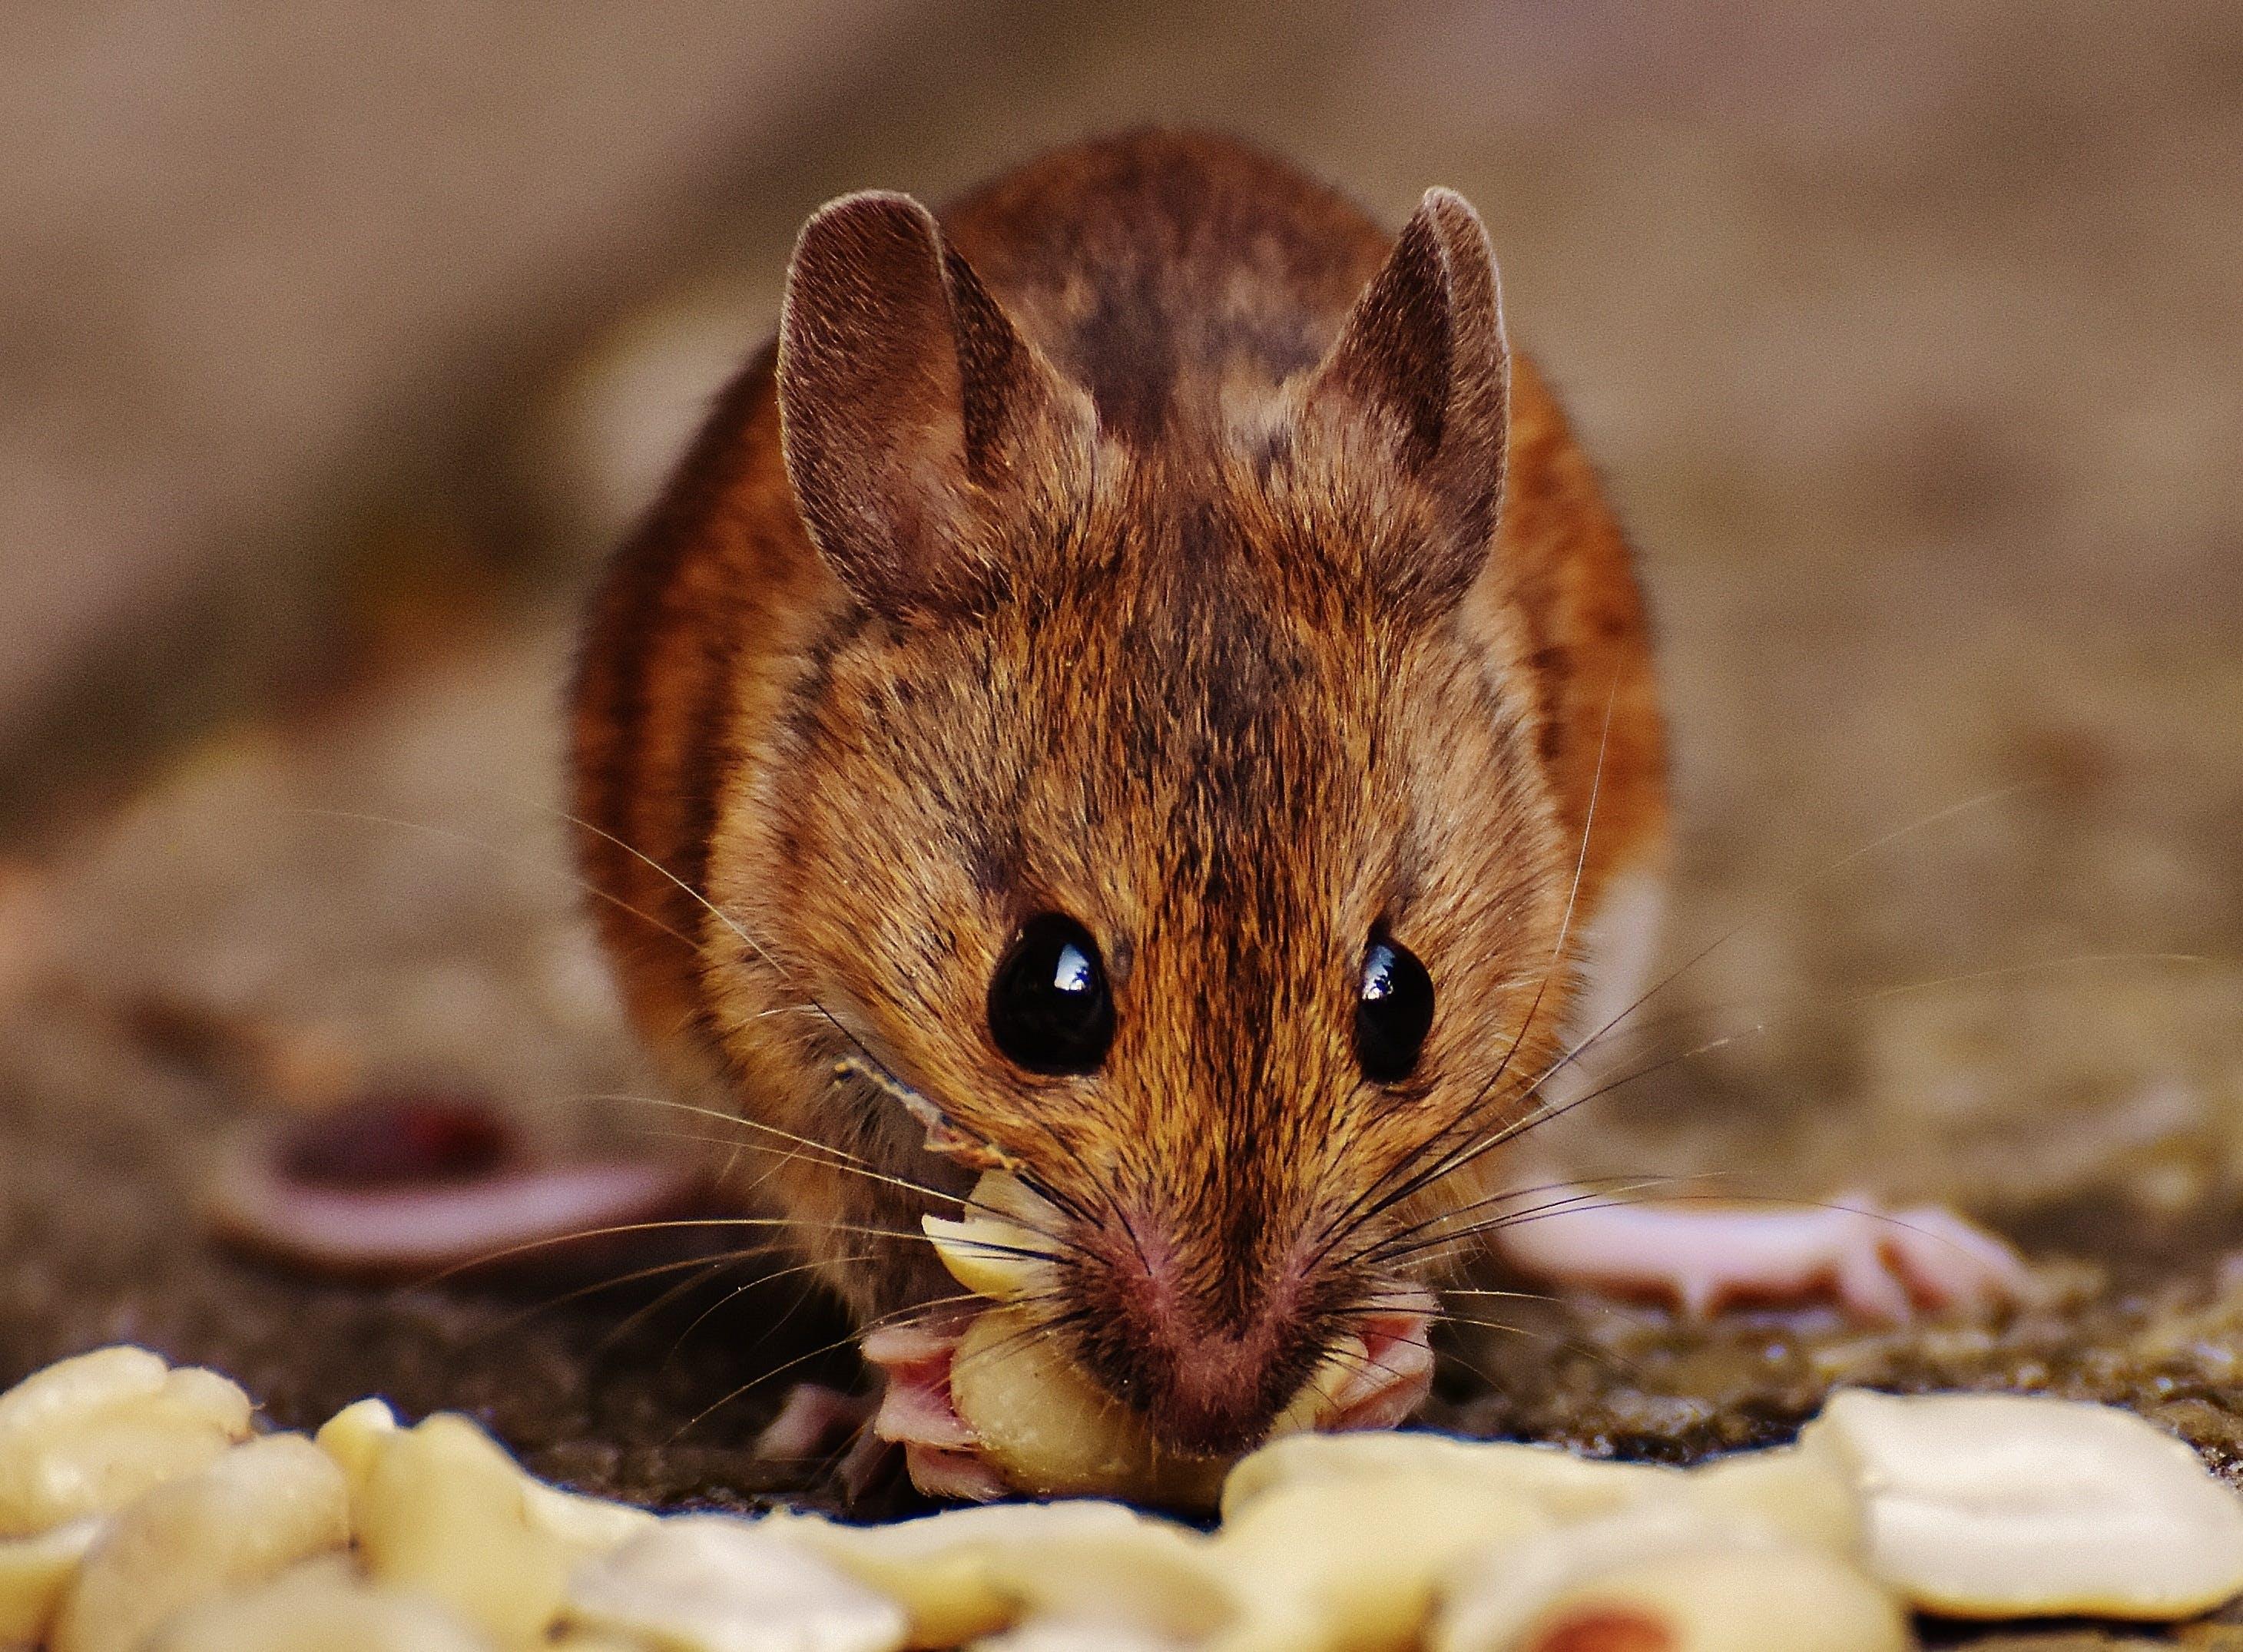 Brown Rat Eating Peanuts